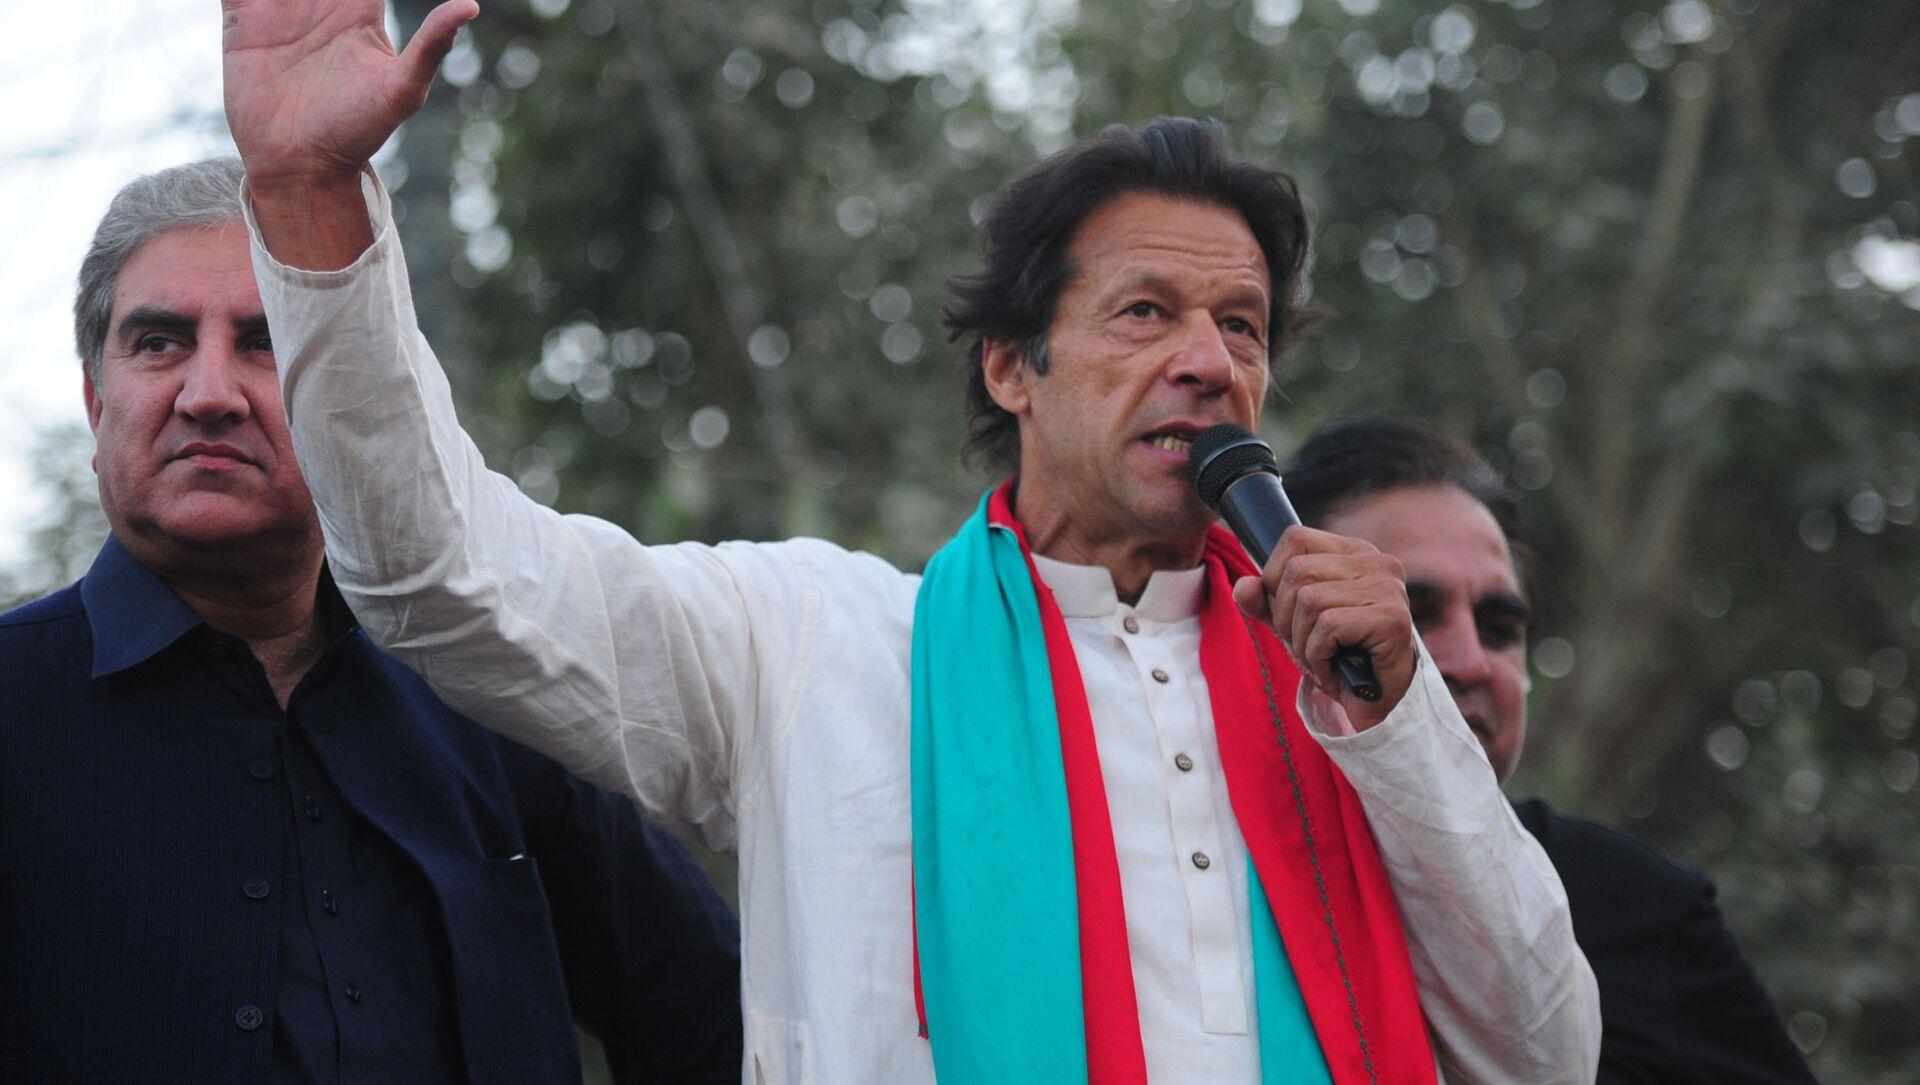 Пакистанский политик Имран Хан на митинге в Карачи - Sputnik 日本, 1920, 16.09.2021